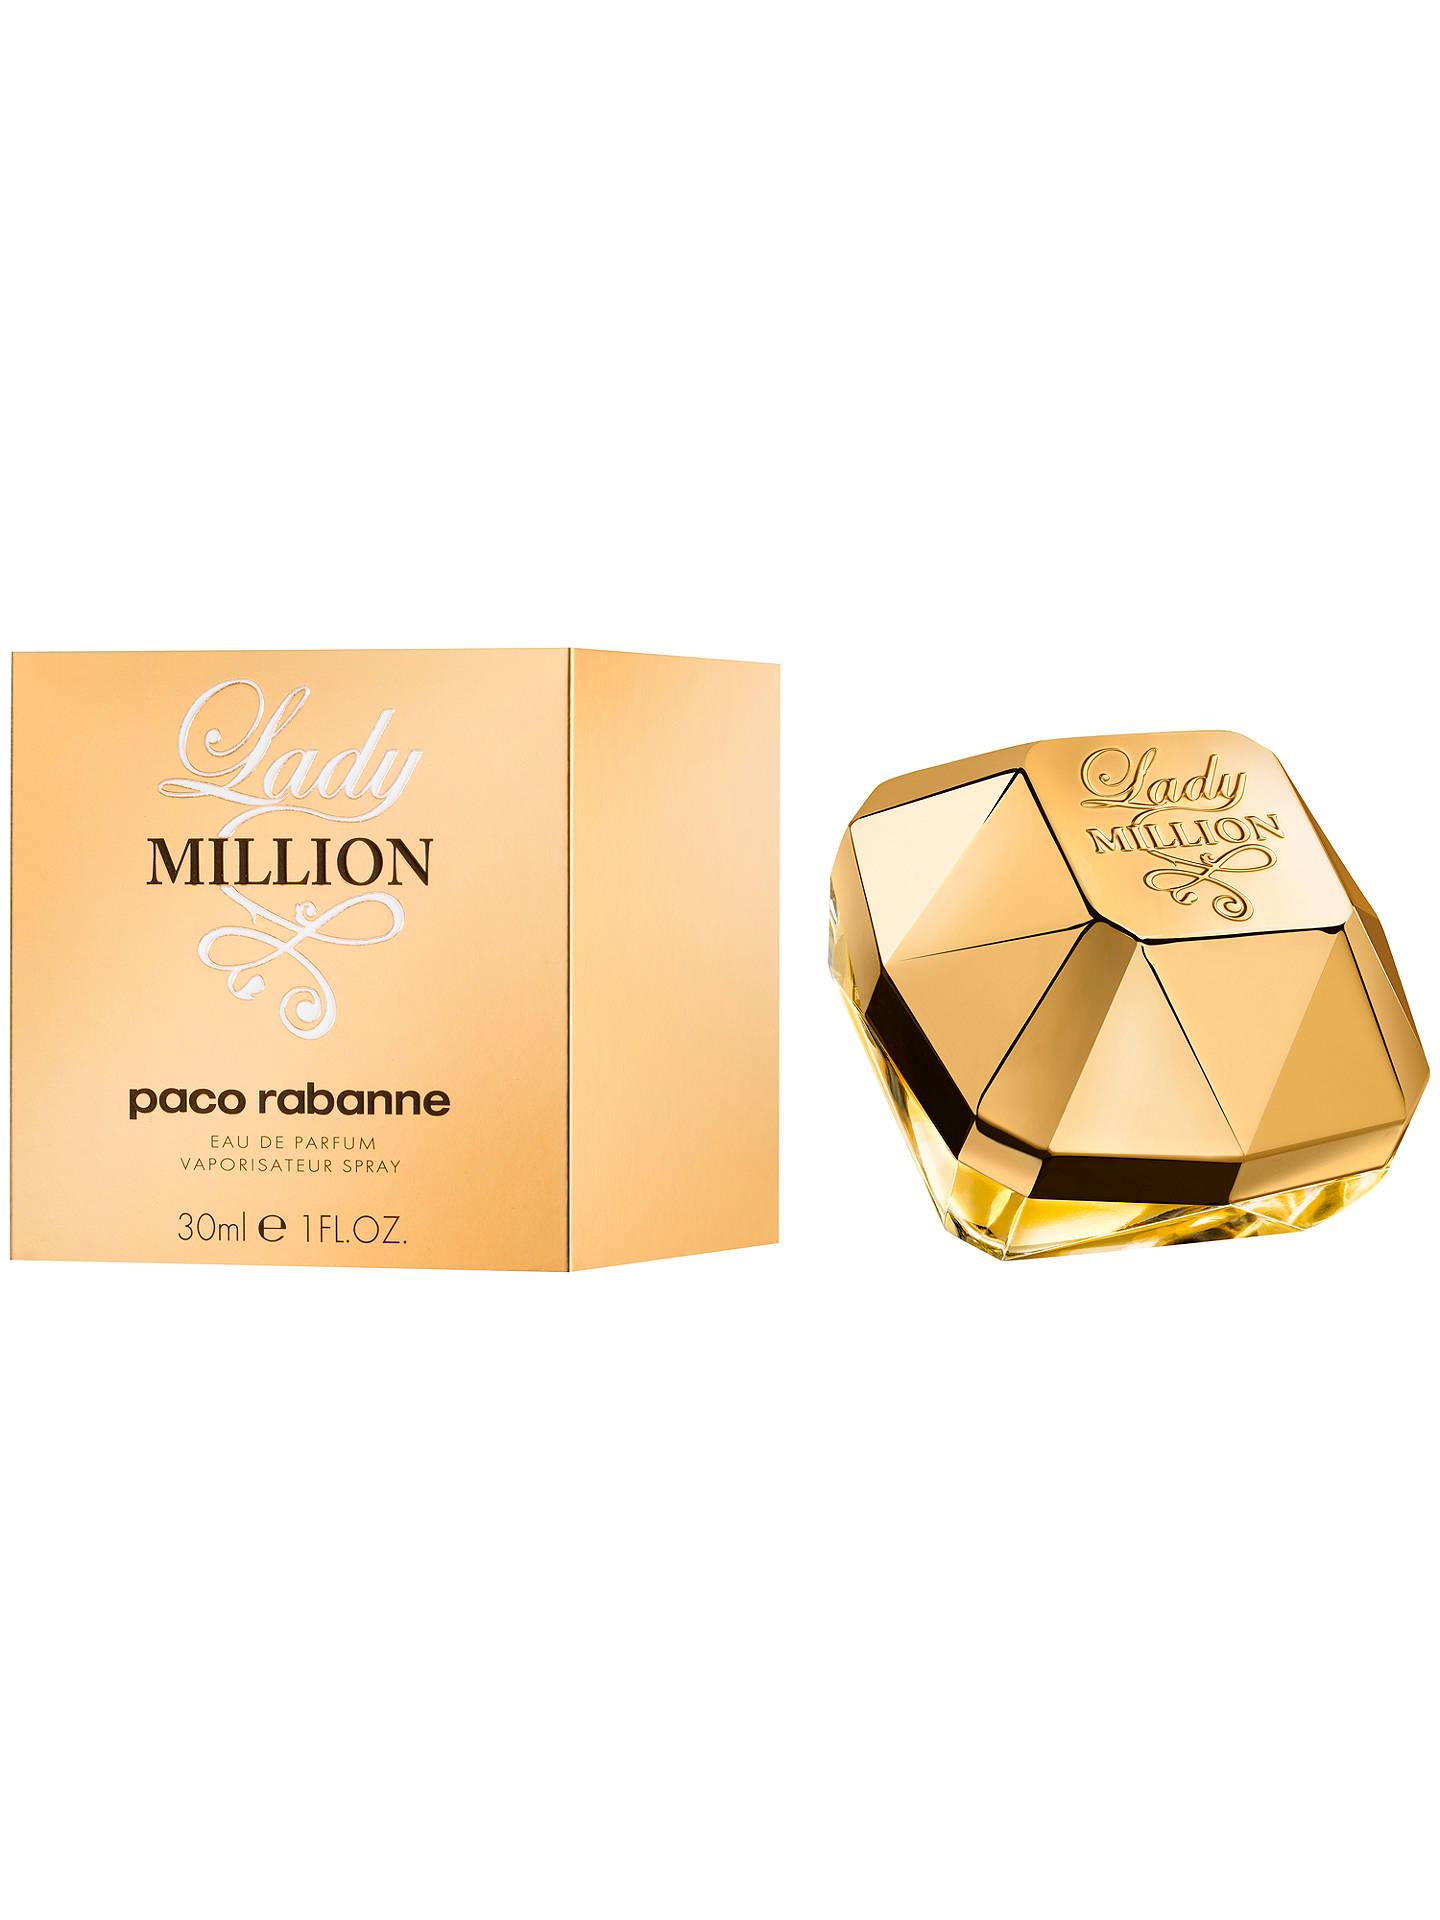 629eb02302efd Paco Rabanne Lady Million Eau de Parfum at John Lewis   Partners